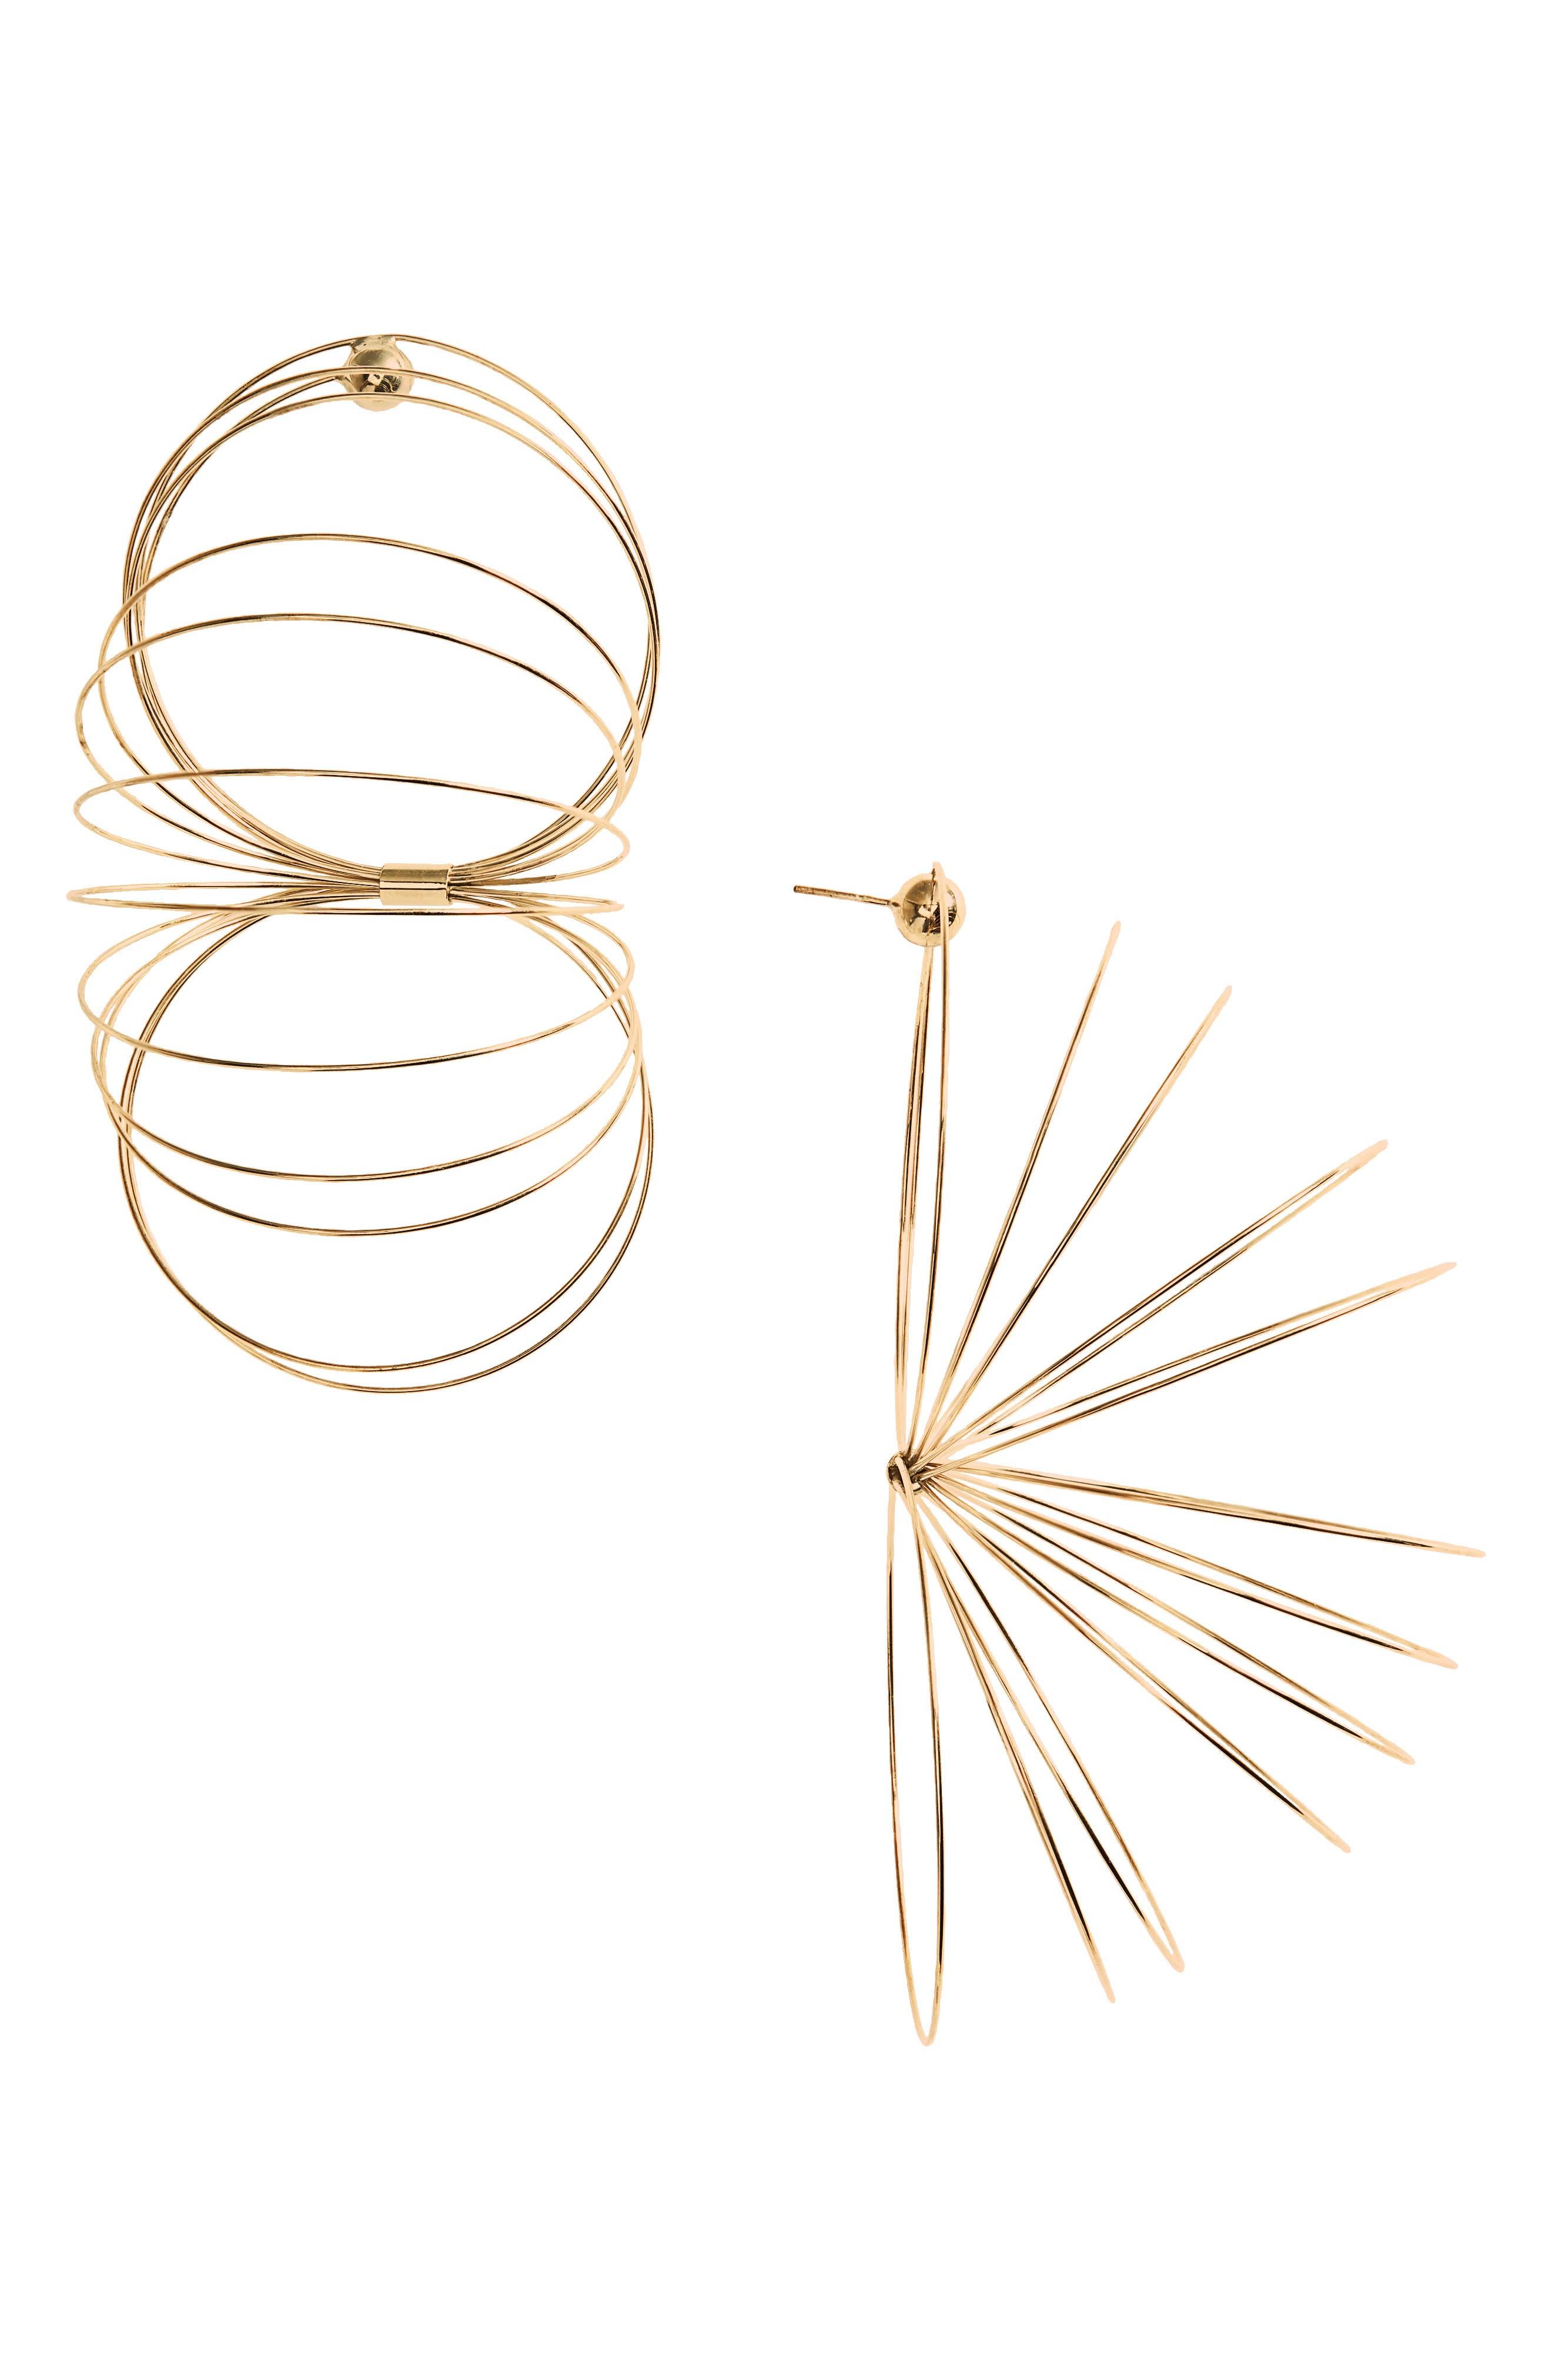 Slinky Earrings,                             Main thumbnail 1, color,                             GOLD